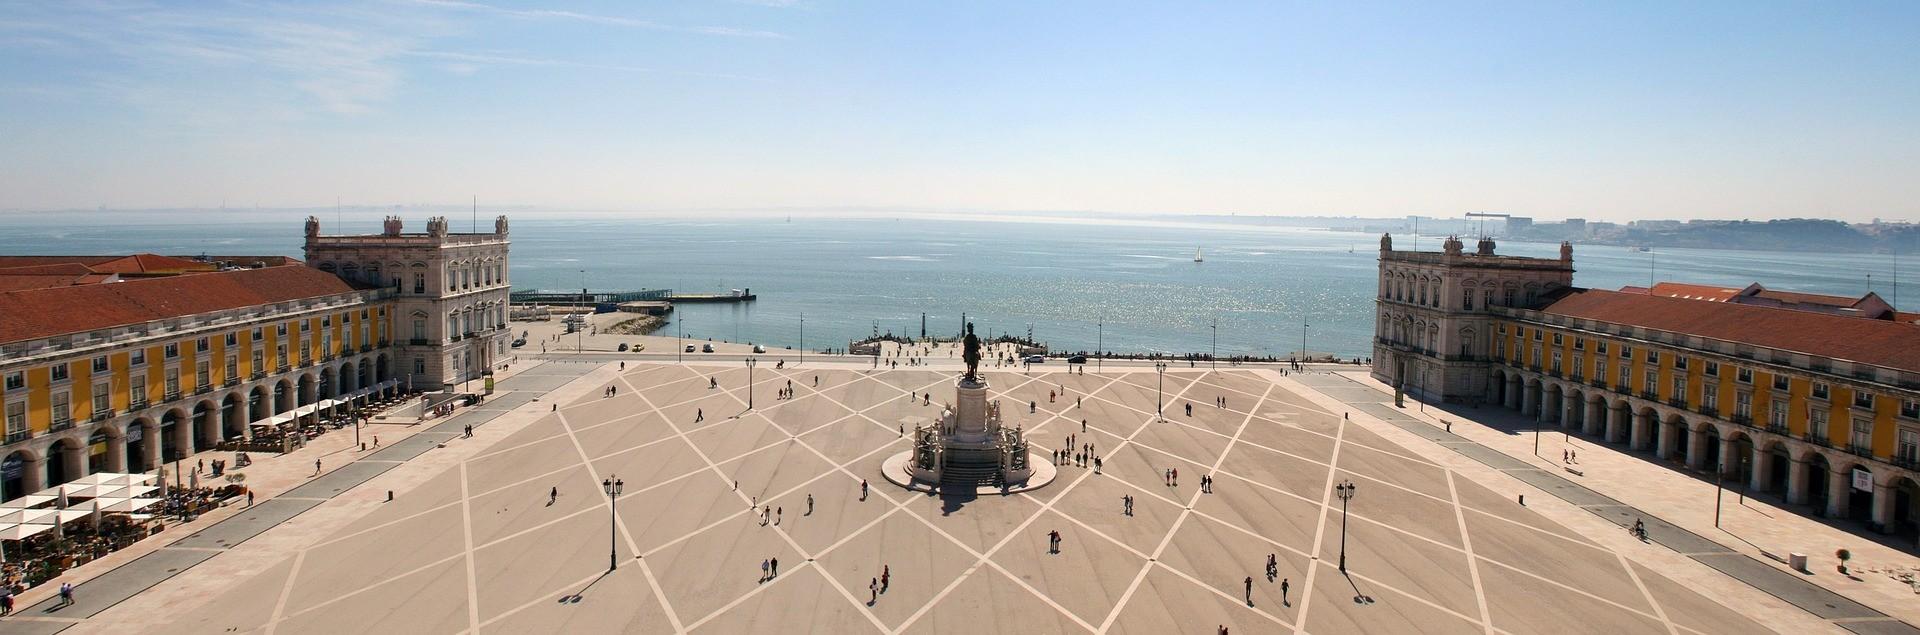 Una gran plaza de Lisboa